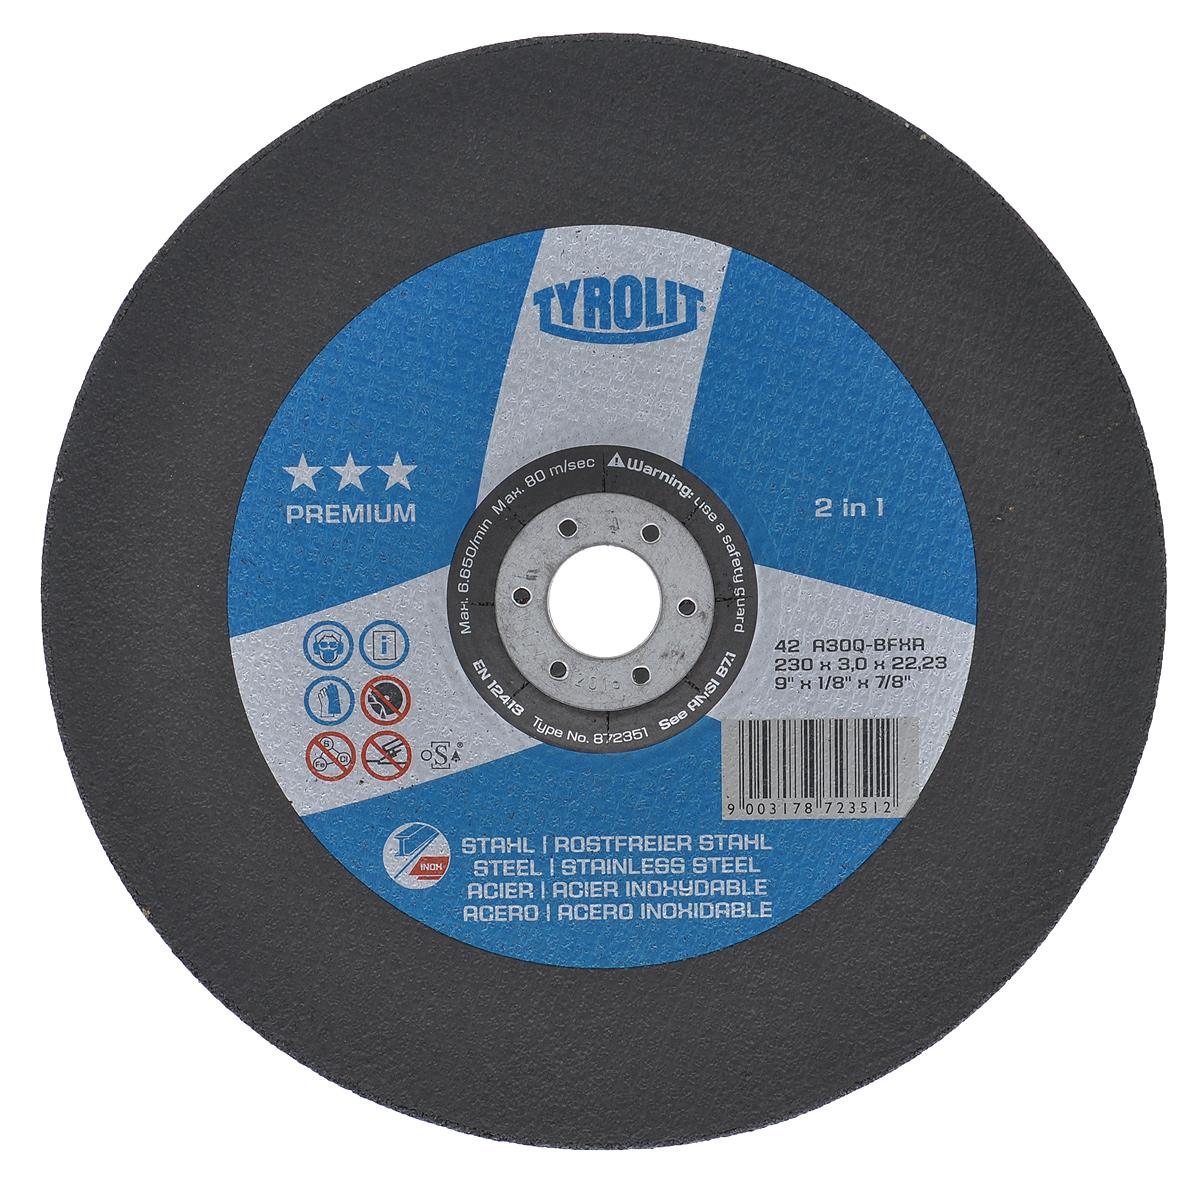 Диск абразивный чашкообразный Tyrolit Premium 2 in 1, 230 мм х 3 мм х 22,23 мм. 872351872351Диск абразивный чашкообразный Tyrolit Premium 2 in 1 - отрезной круг, предназначенный для упорной резки. Отрезной круг с высокой режущей способностью может использоваться для обработки стали, в том числе и высококачественной (Inox). Зажимная гайка модели 42 утоплена и не мешает в работе. Особенности диска: Максимальная мощность 80 м/с. Связка из синтетической смолы. Армирование волокнистыми материалами. Высокая отрезная способность. Высокая безопасность продукта.